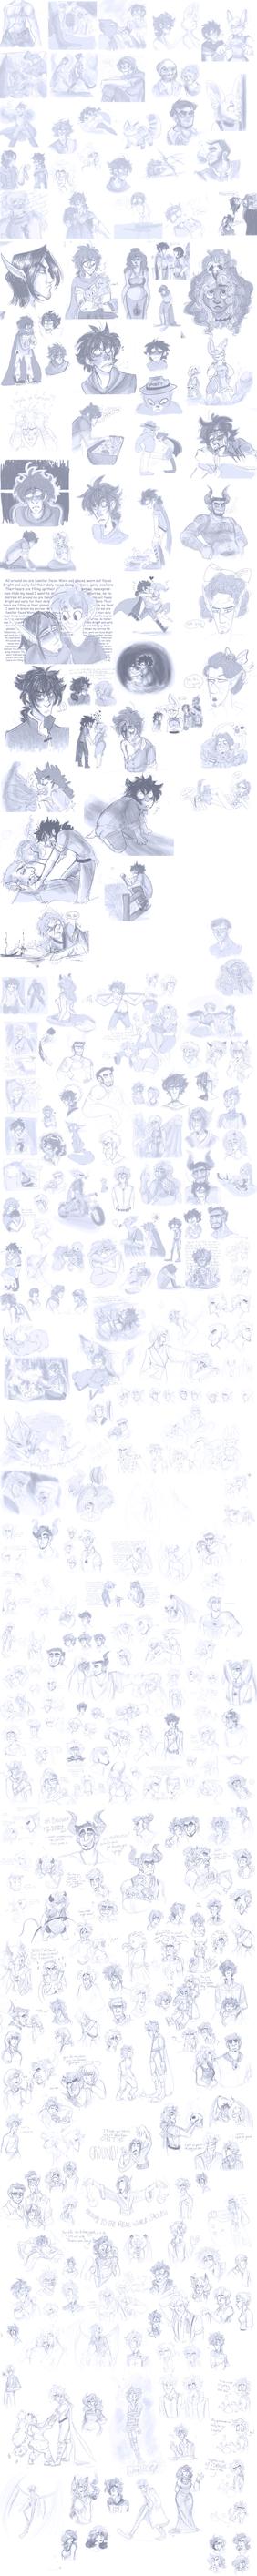 Doodle Dump III by StarryEvening